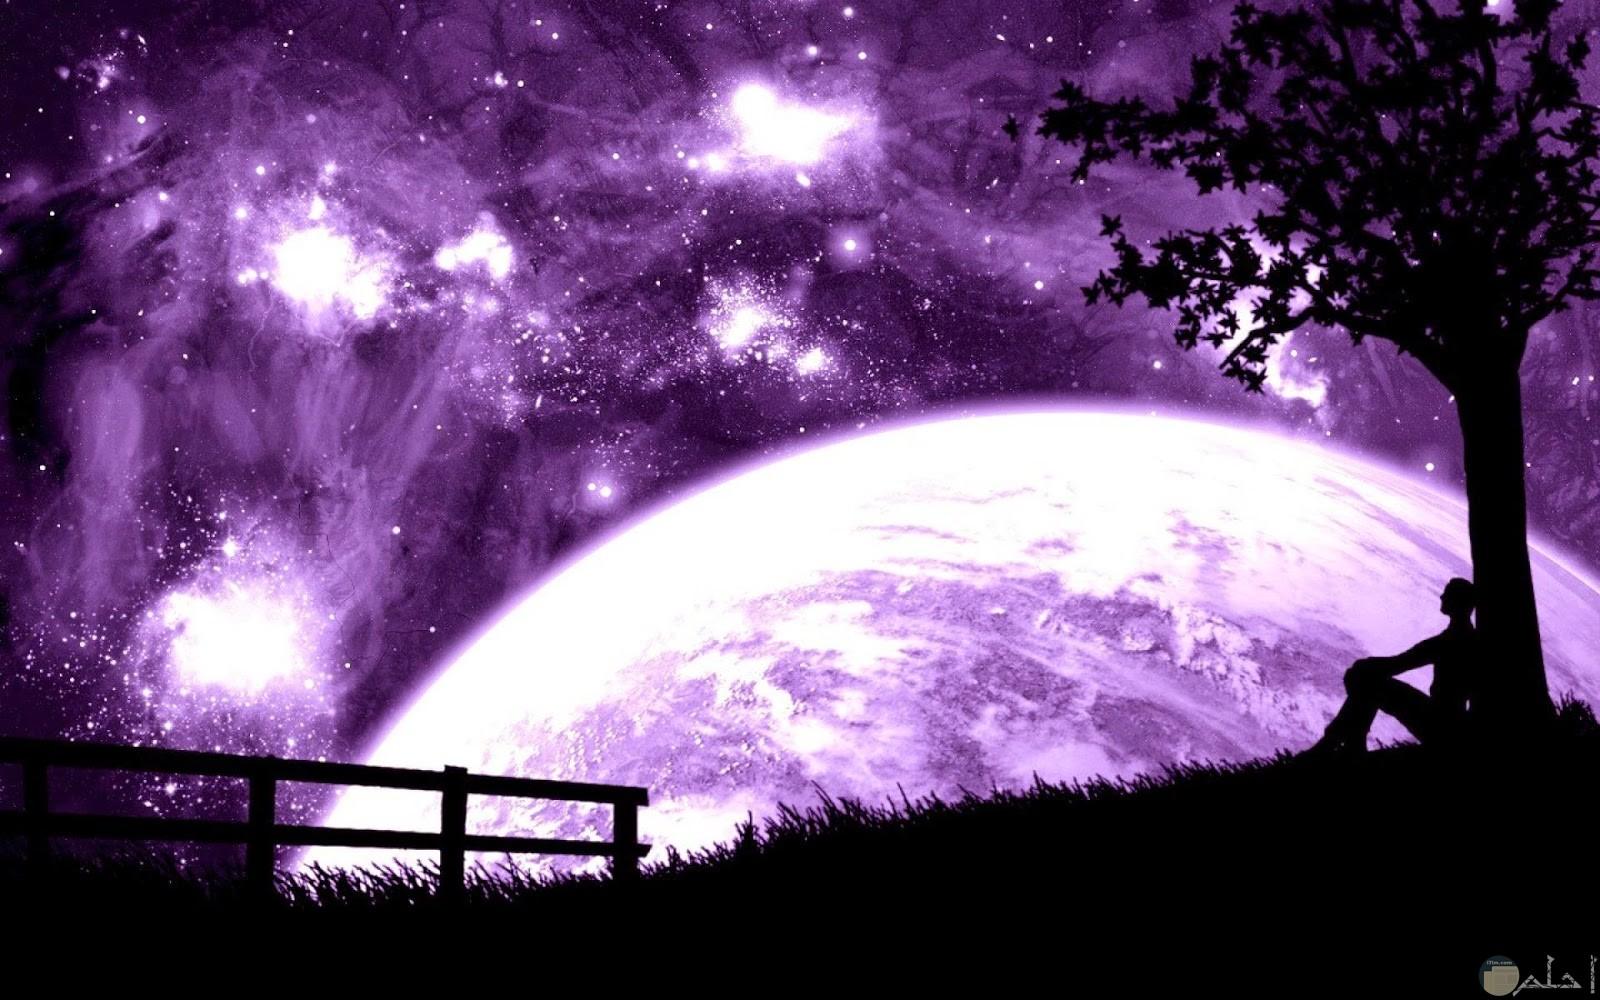 قمر العشاق الكبير باللون البنفسجي.